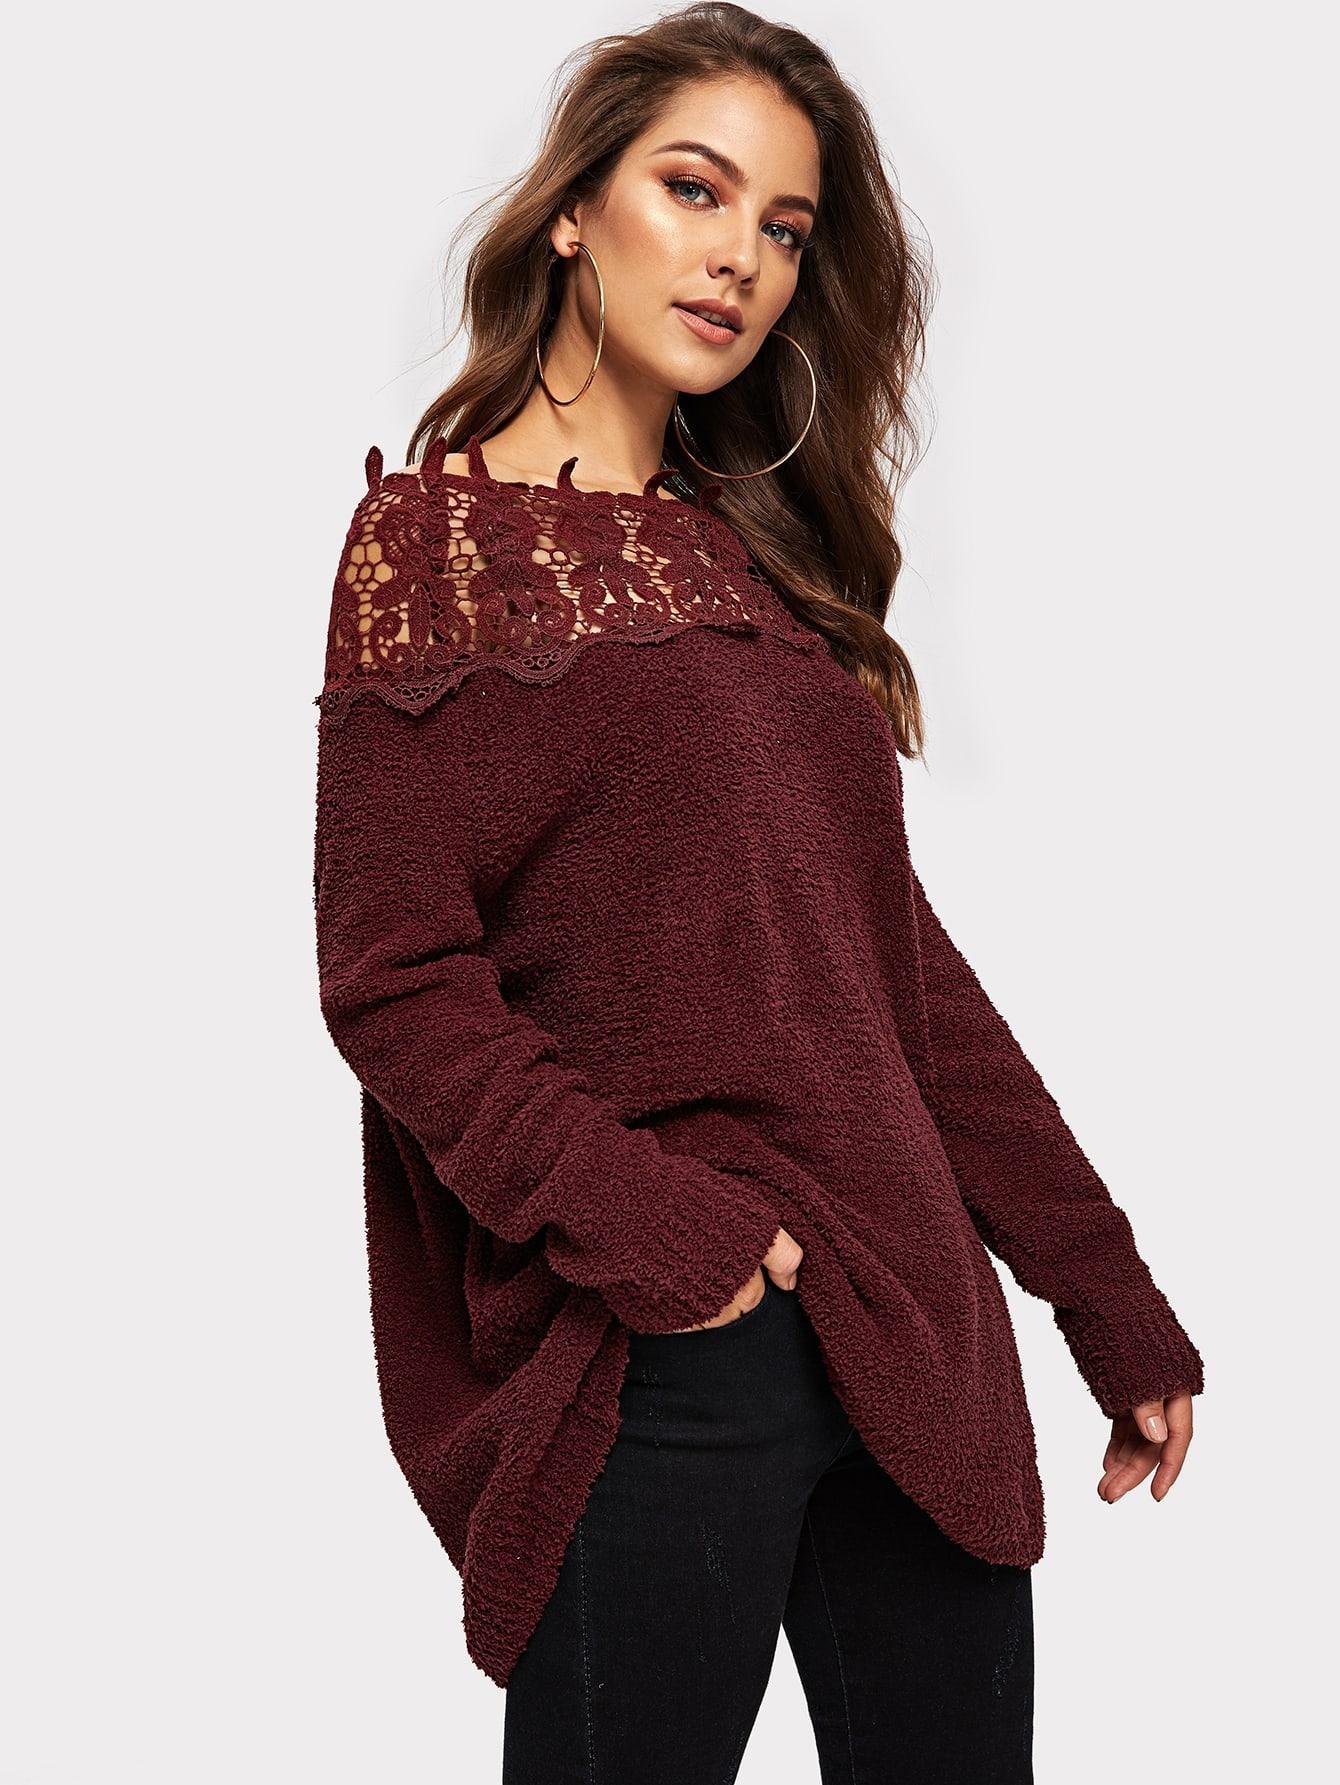 Купить Кружевной пушистый свитер, Debi Cruz, SheIn